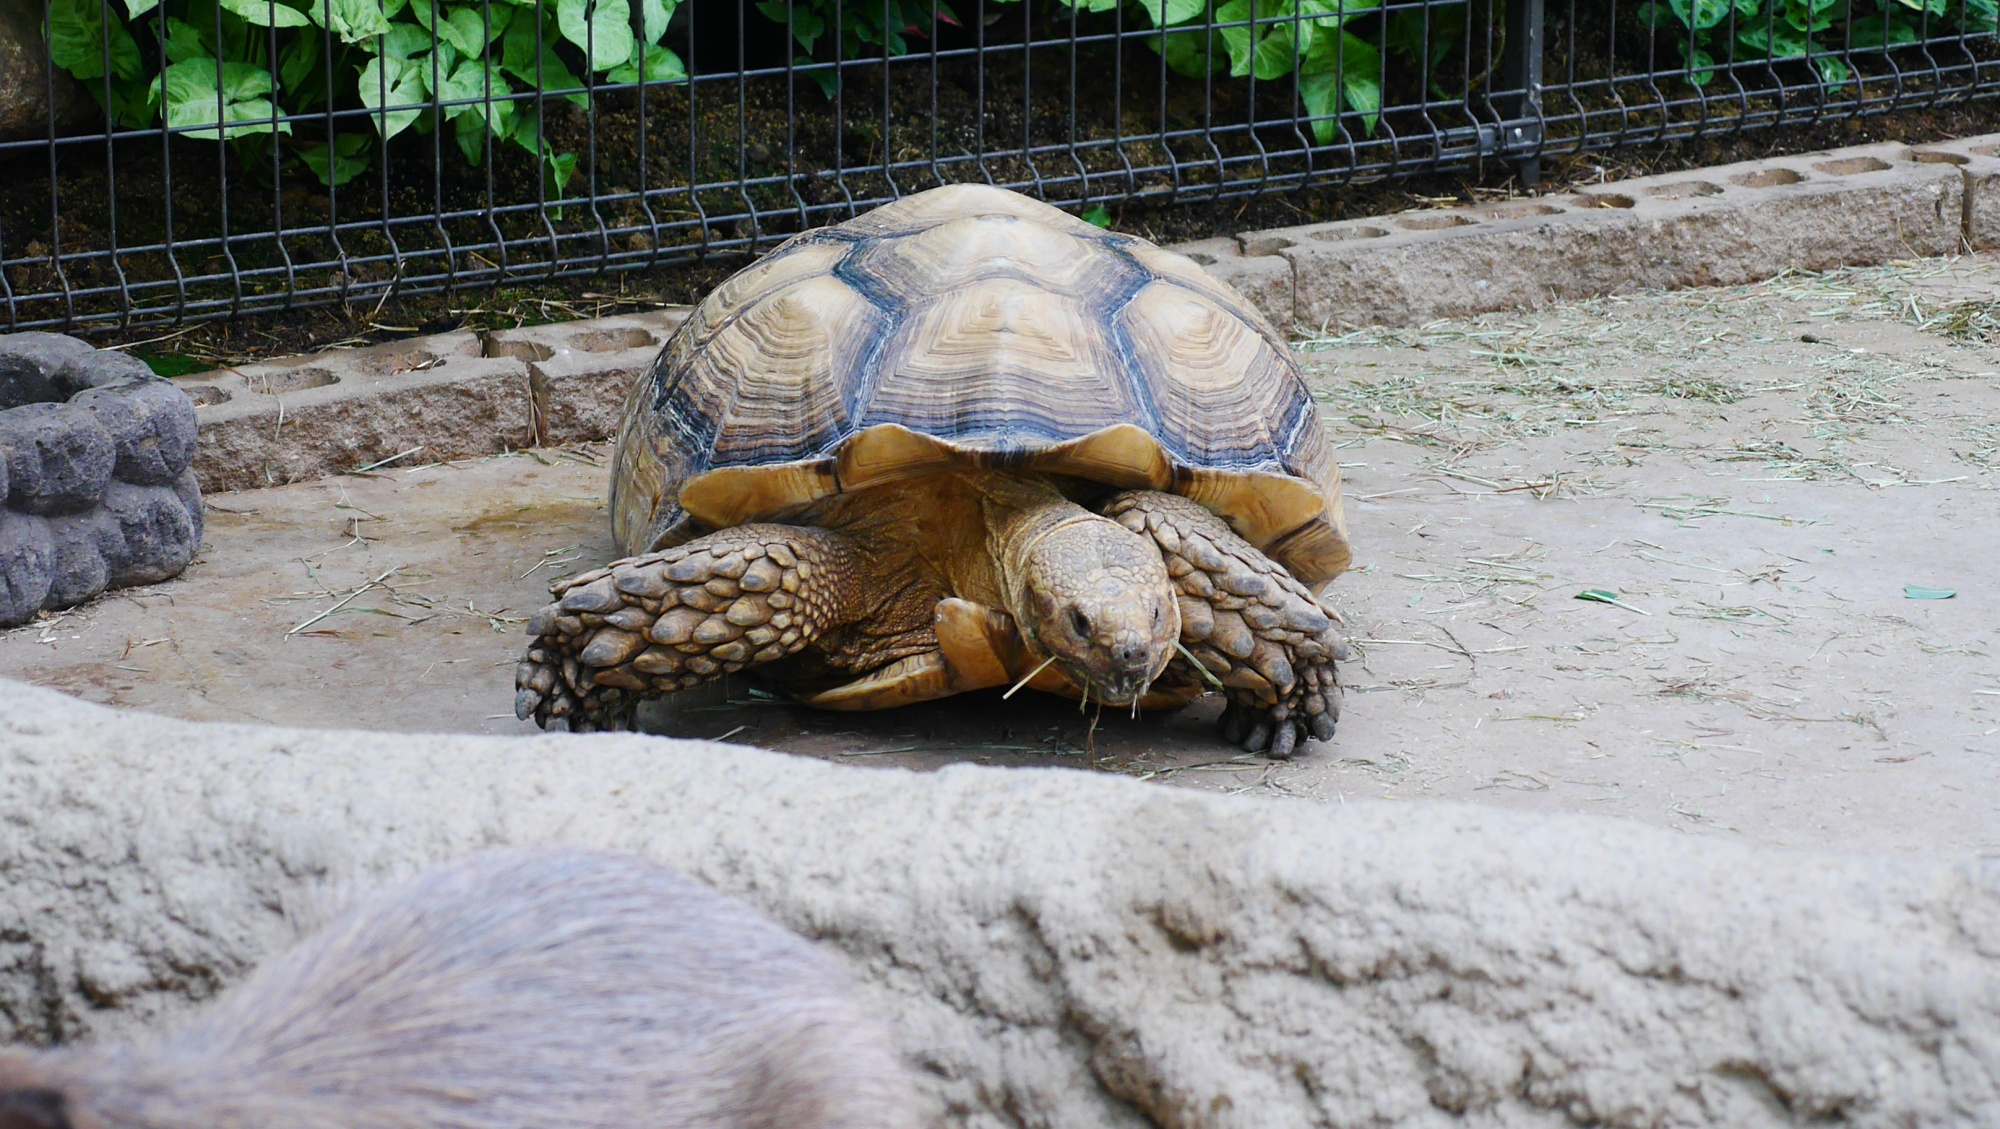 ケヅメリクガメ(African spurred tortoise)